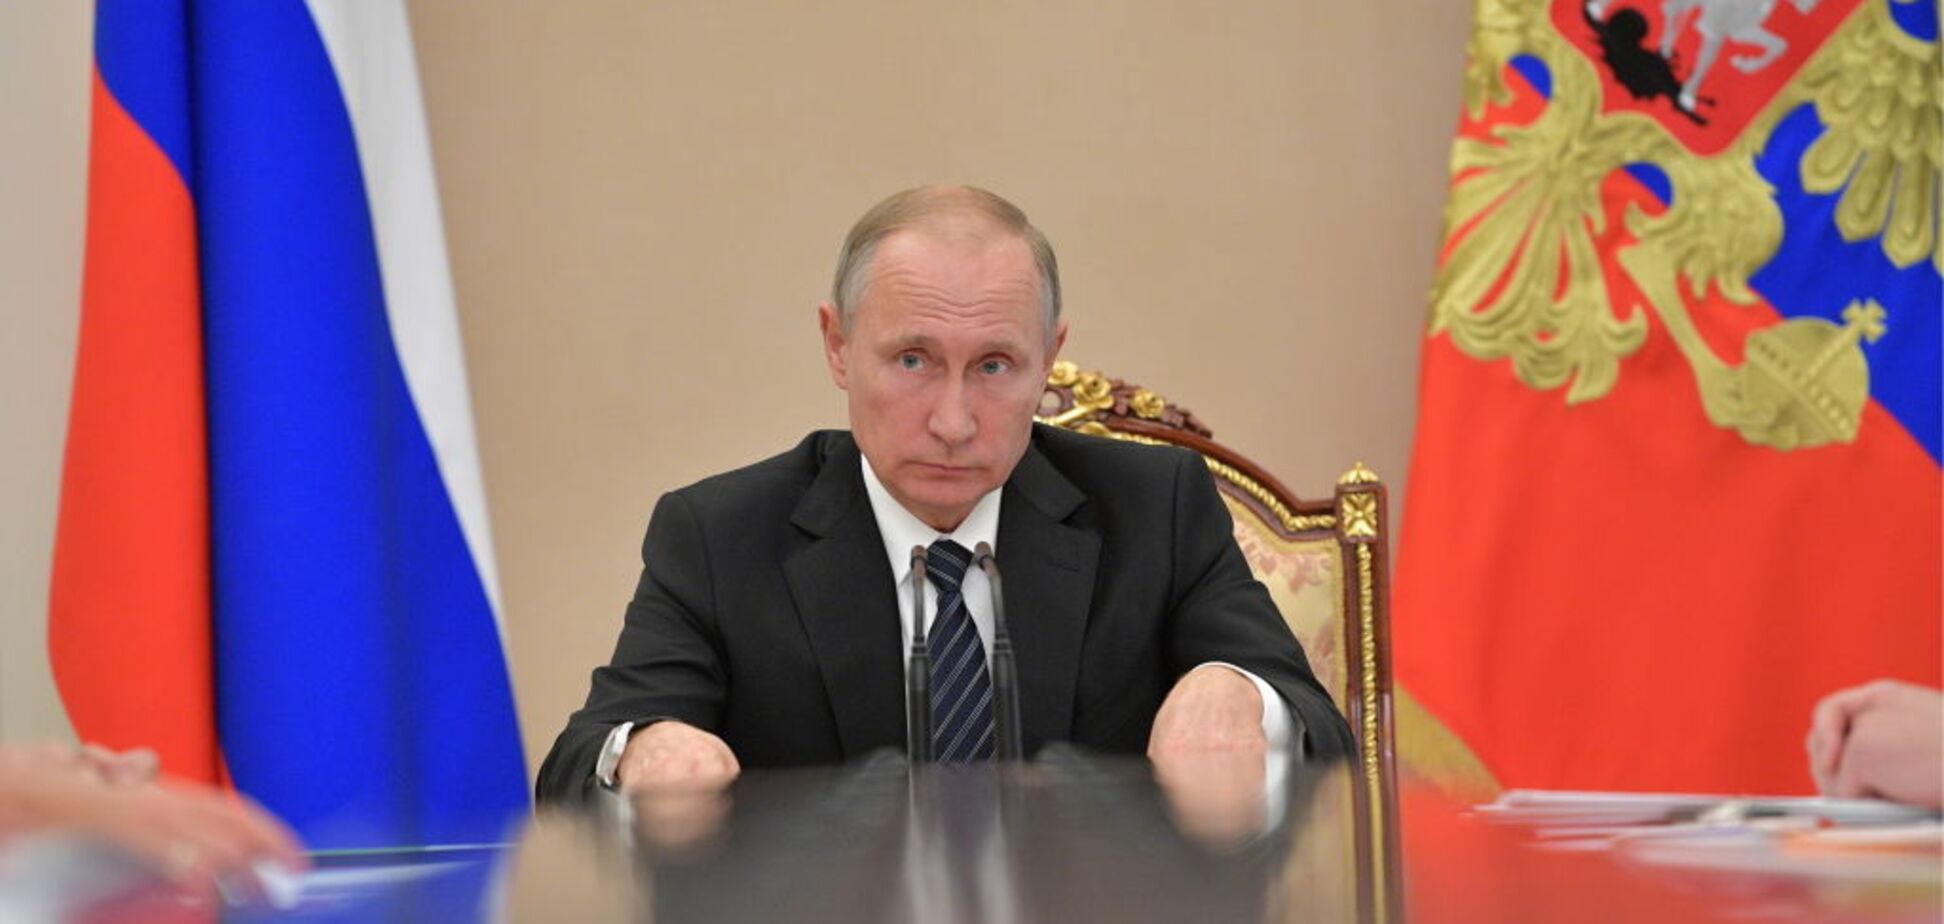 'Защита русскоязычных': в России допустили военное обострение на Донбассе